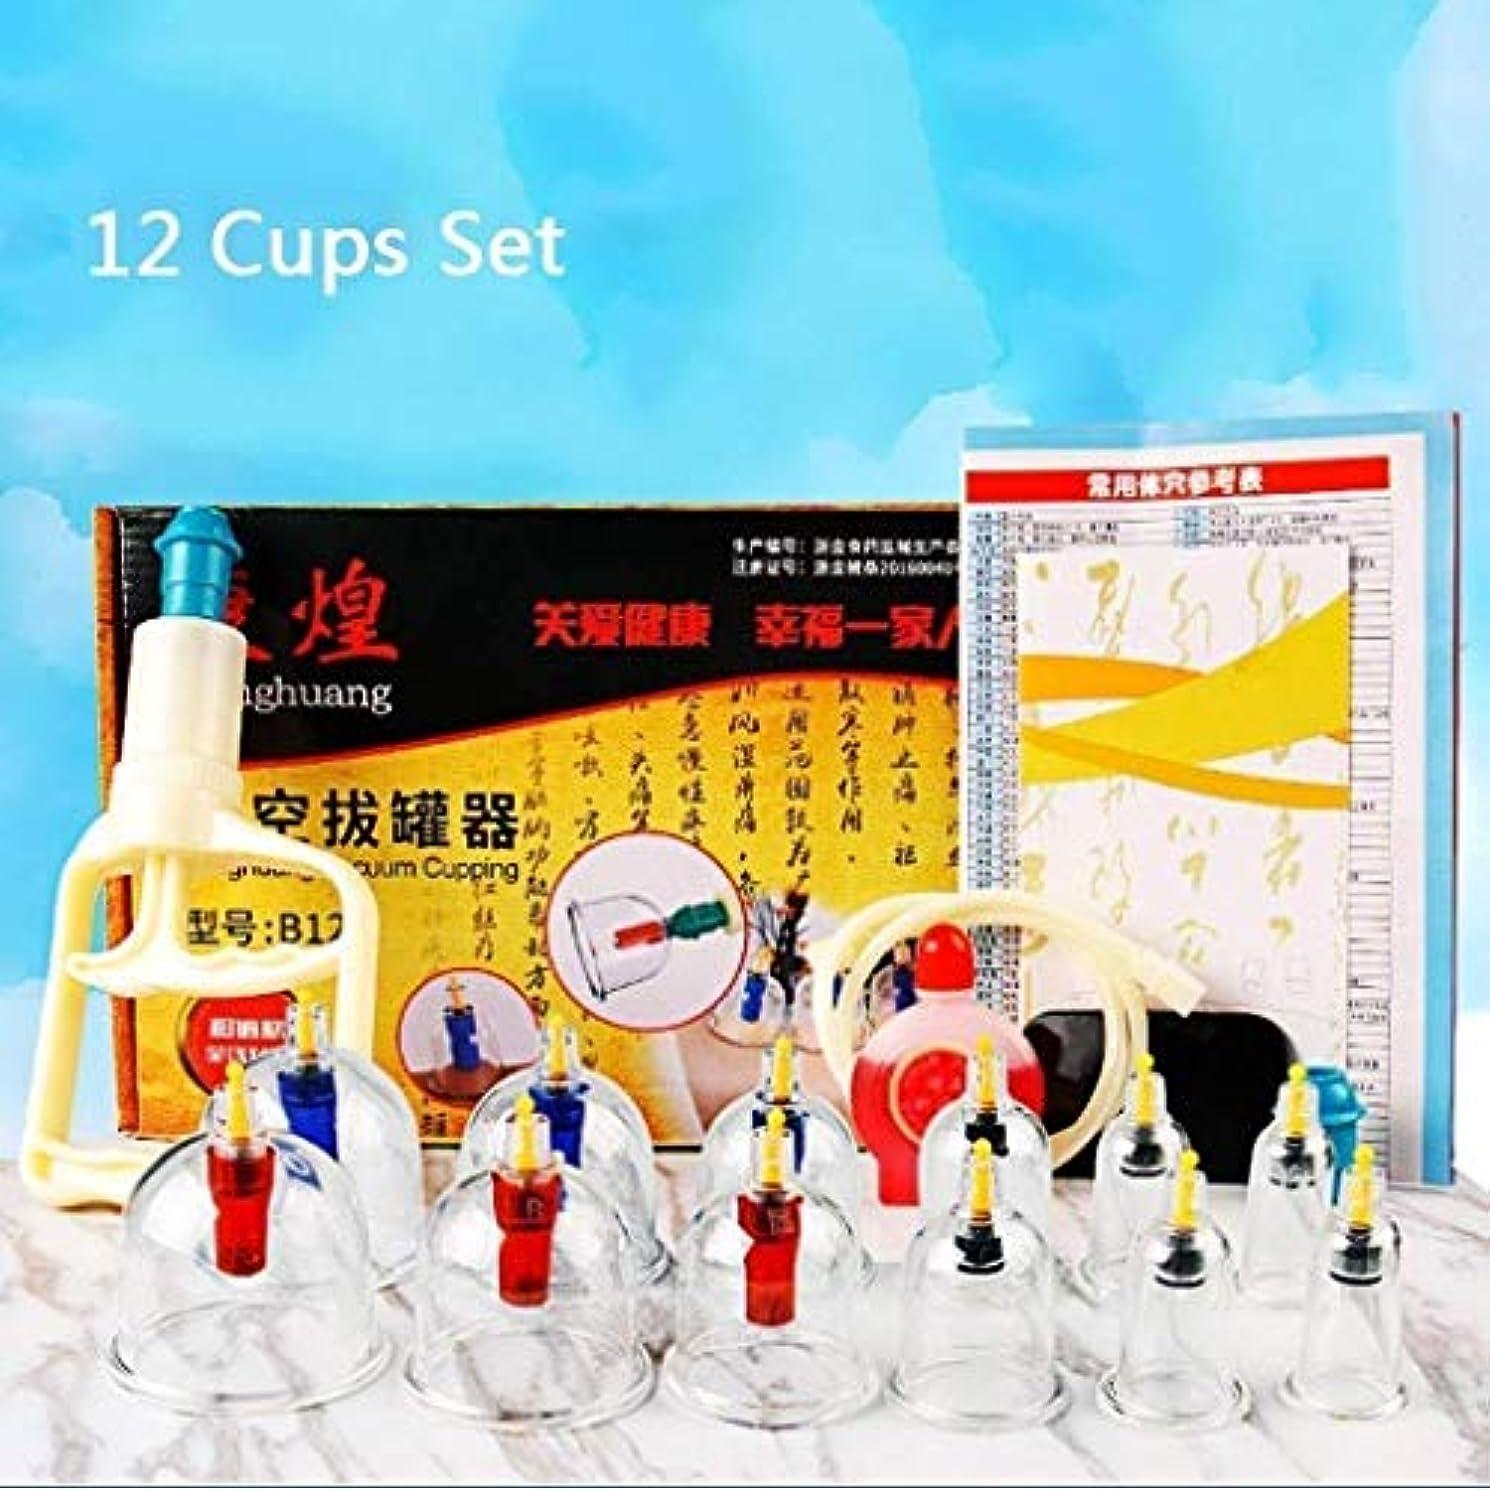 スリッパ引き出す水を飲むボディマッサージの痛みを軽減するための中国の鍼カッピング療法のプロのカッピングキット